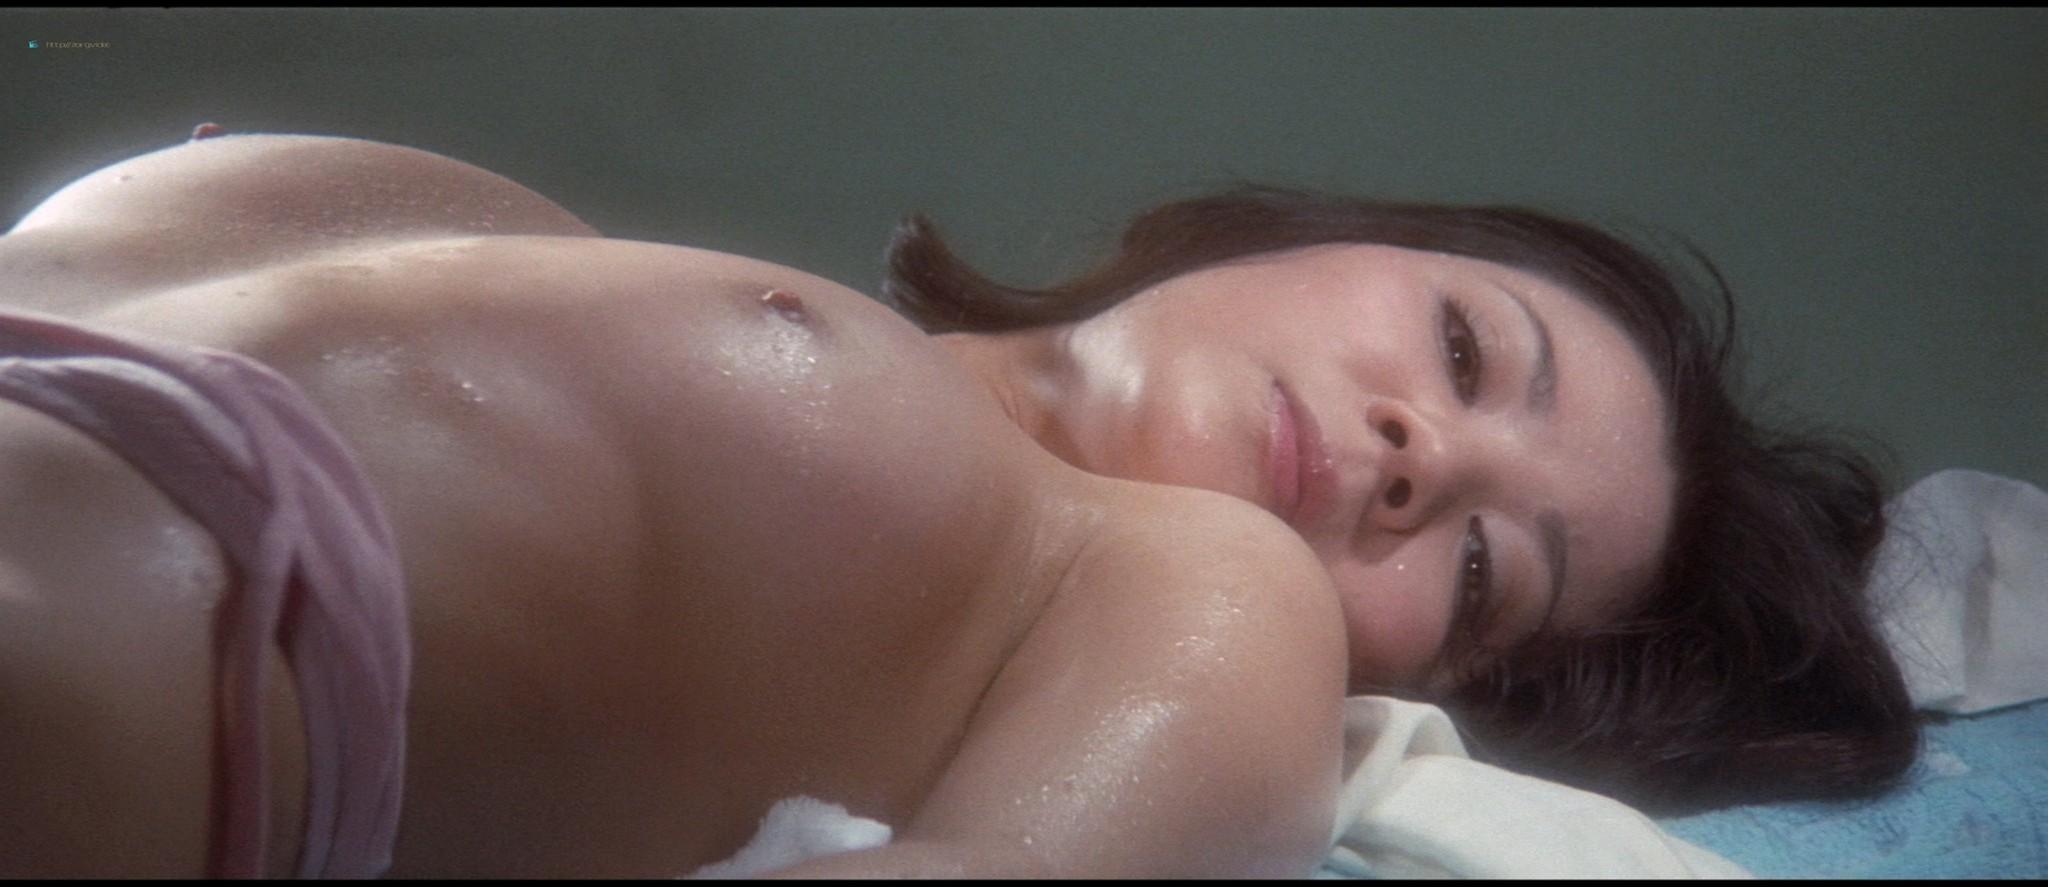 Tomoko Katsura nude sex Hidemi Hara nude sex too - Mesunekotachi no yoru (JP-1972) HD 1080p BluRay (13)